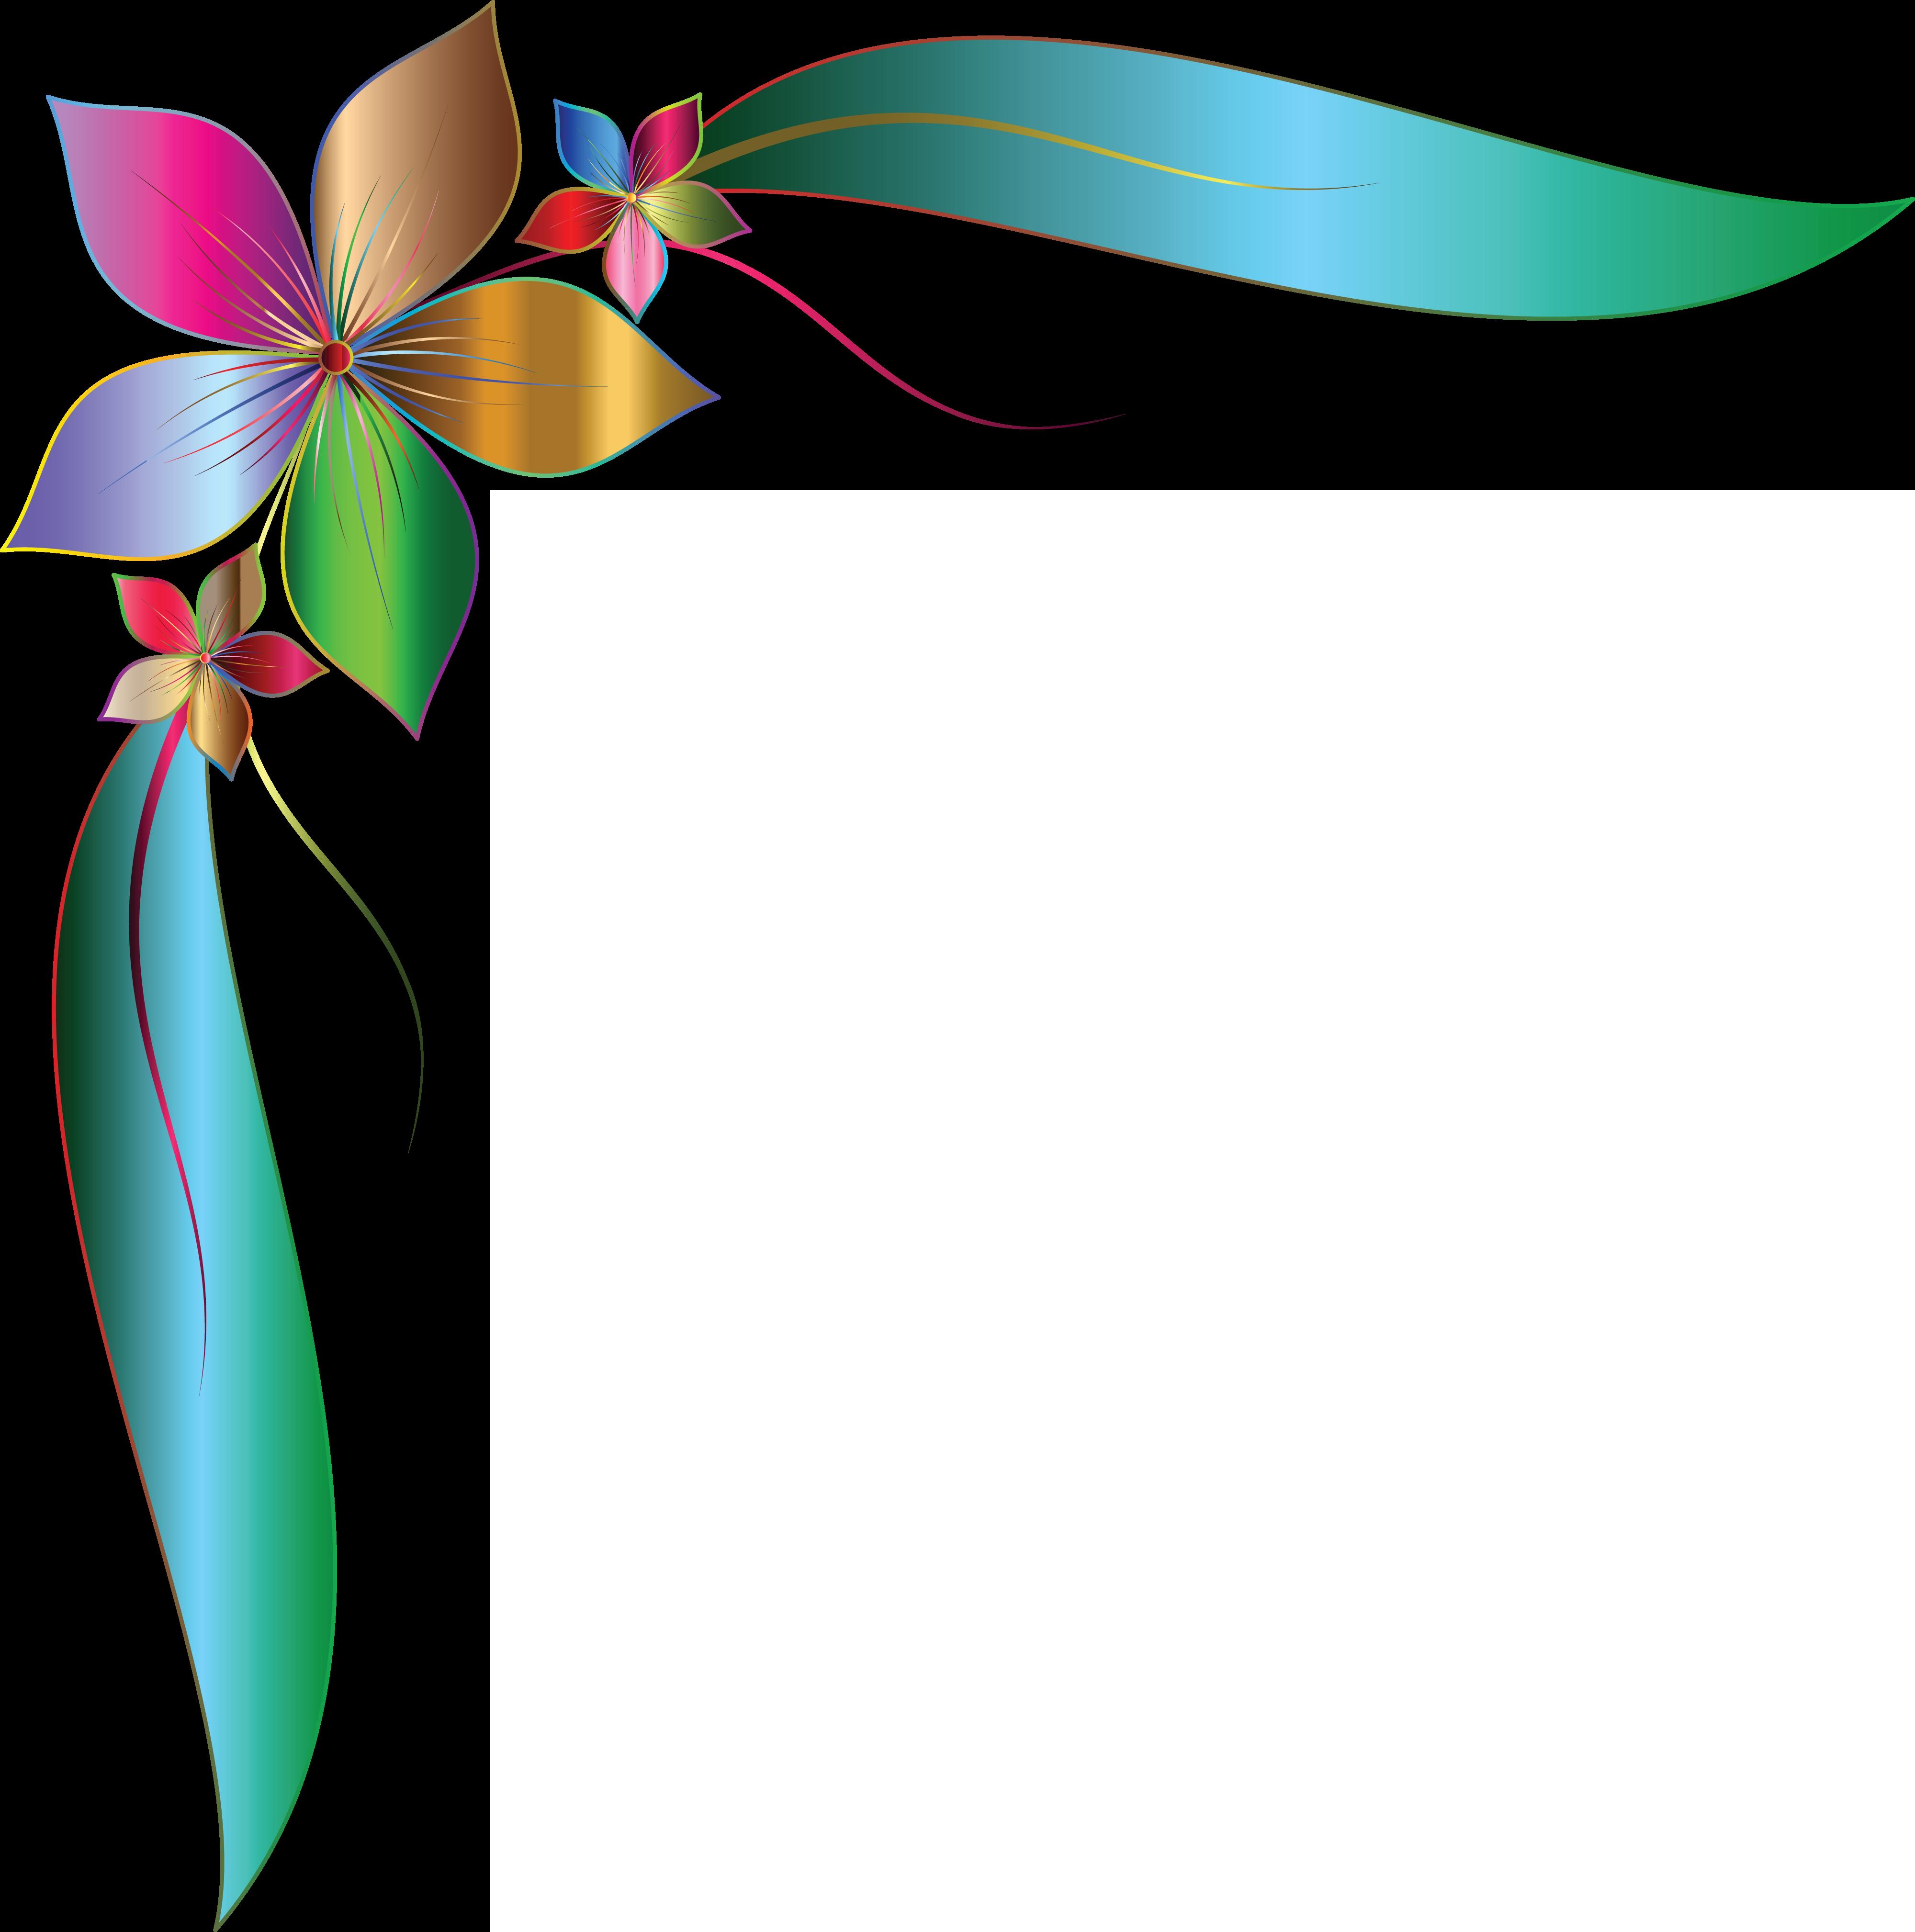 Corner transparent images pluspng. Flower design png